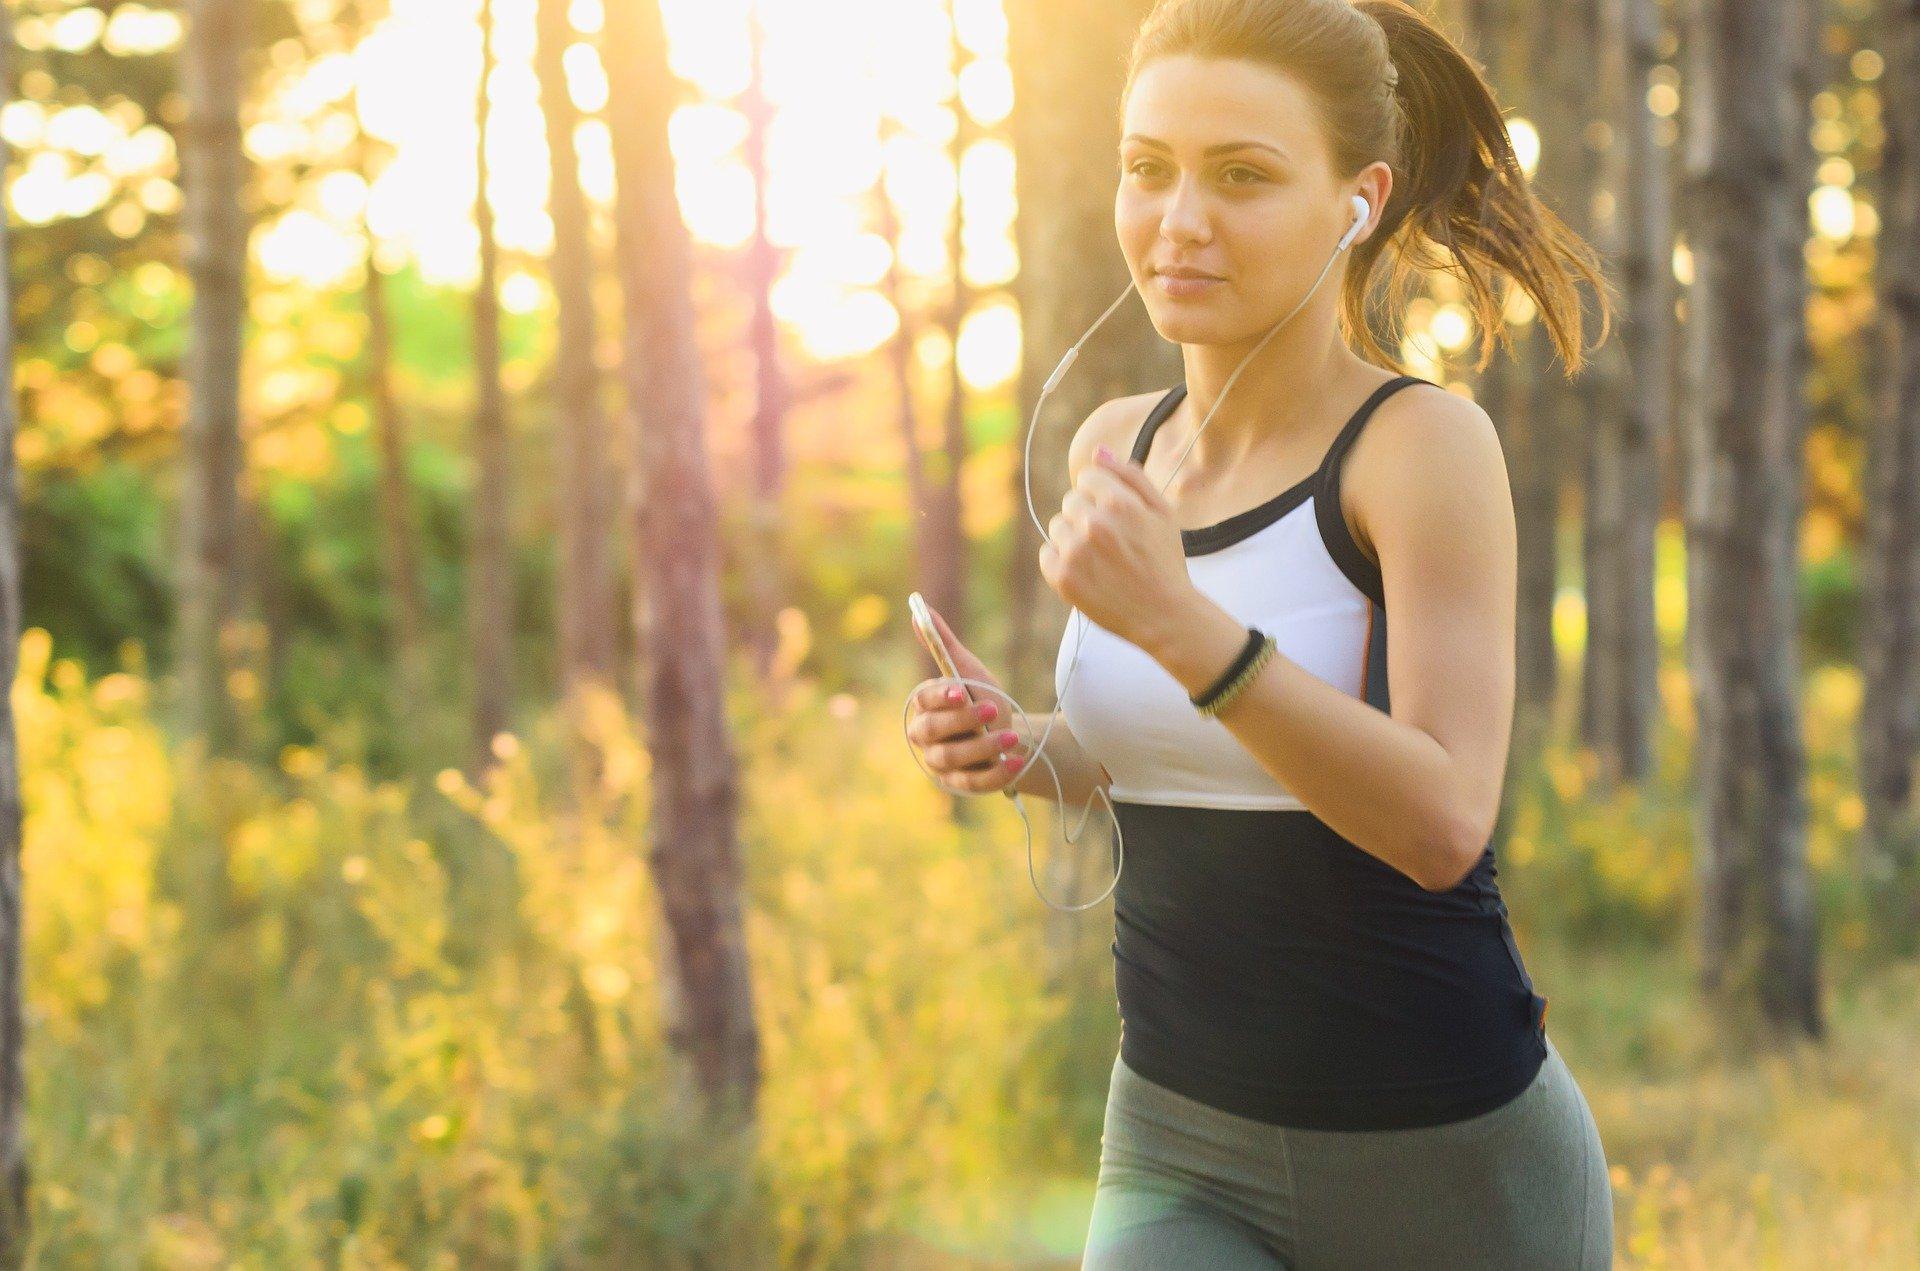 casting comédienne femme pratiquant le running pour un film corporate